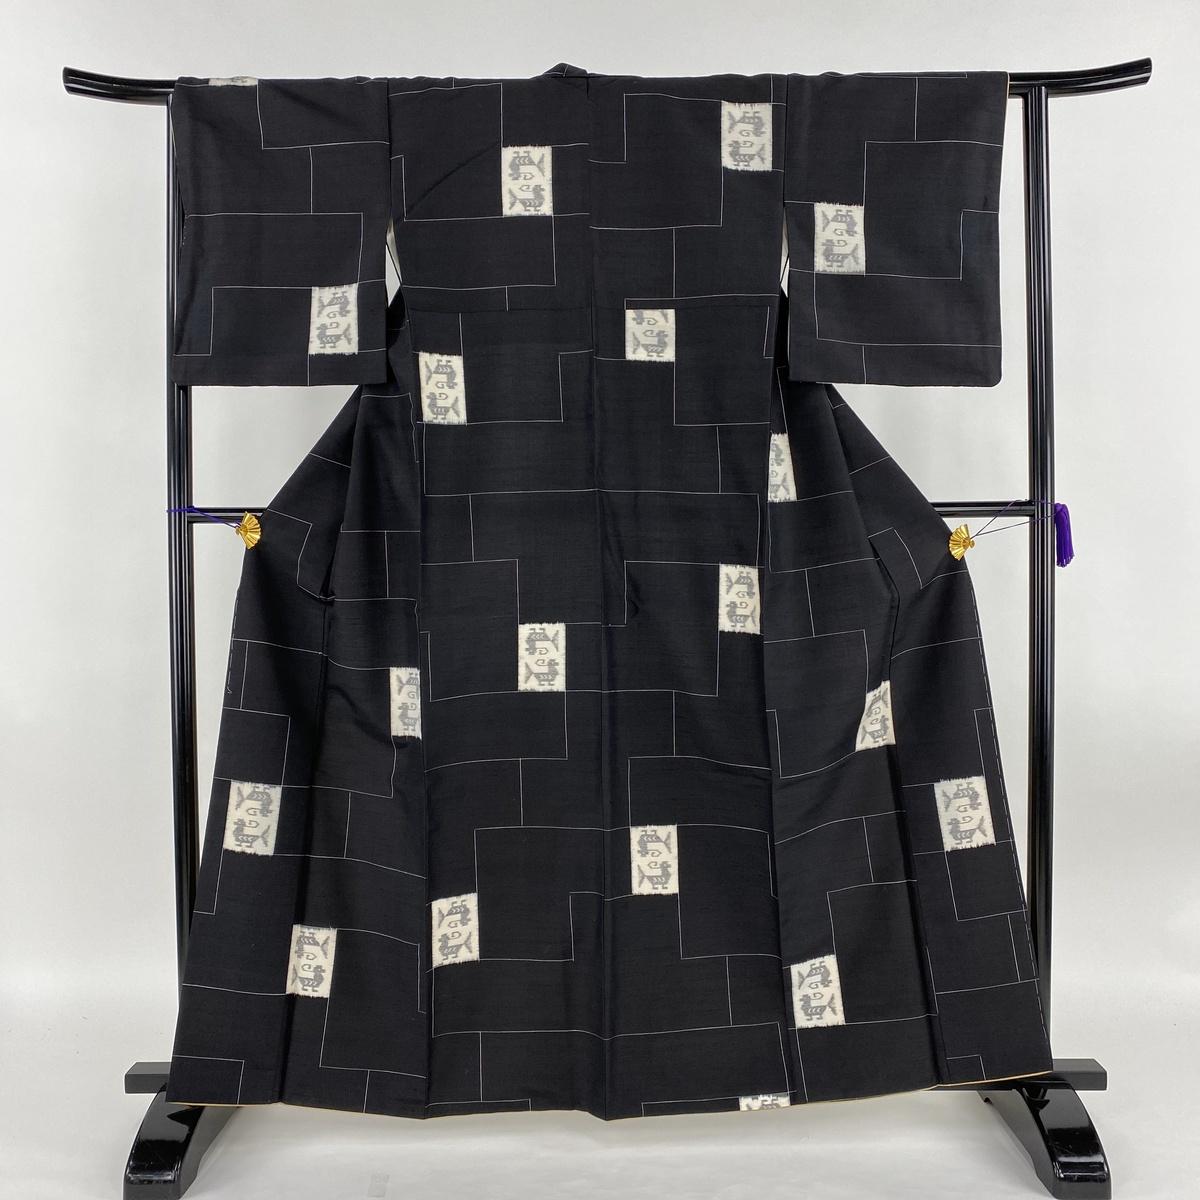 紬 美品 名品 幾何学模様 動物 黒 袷 身丈162.5cm 裄丈64cm M 正絹 【中古】